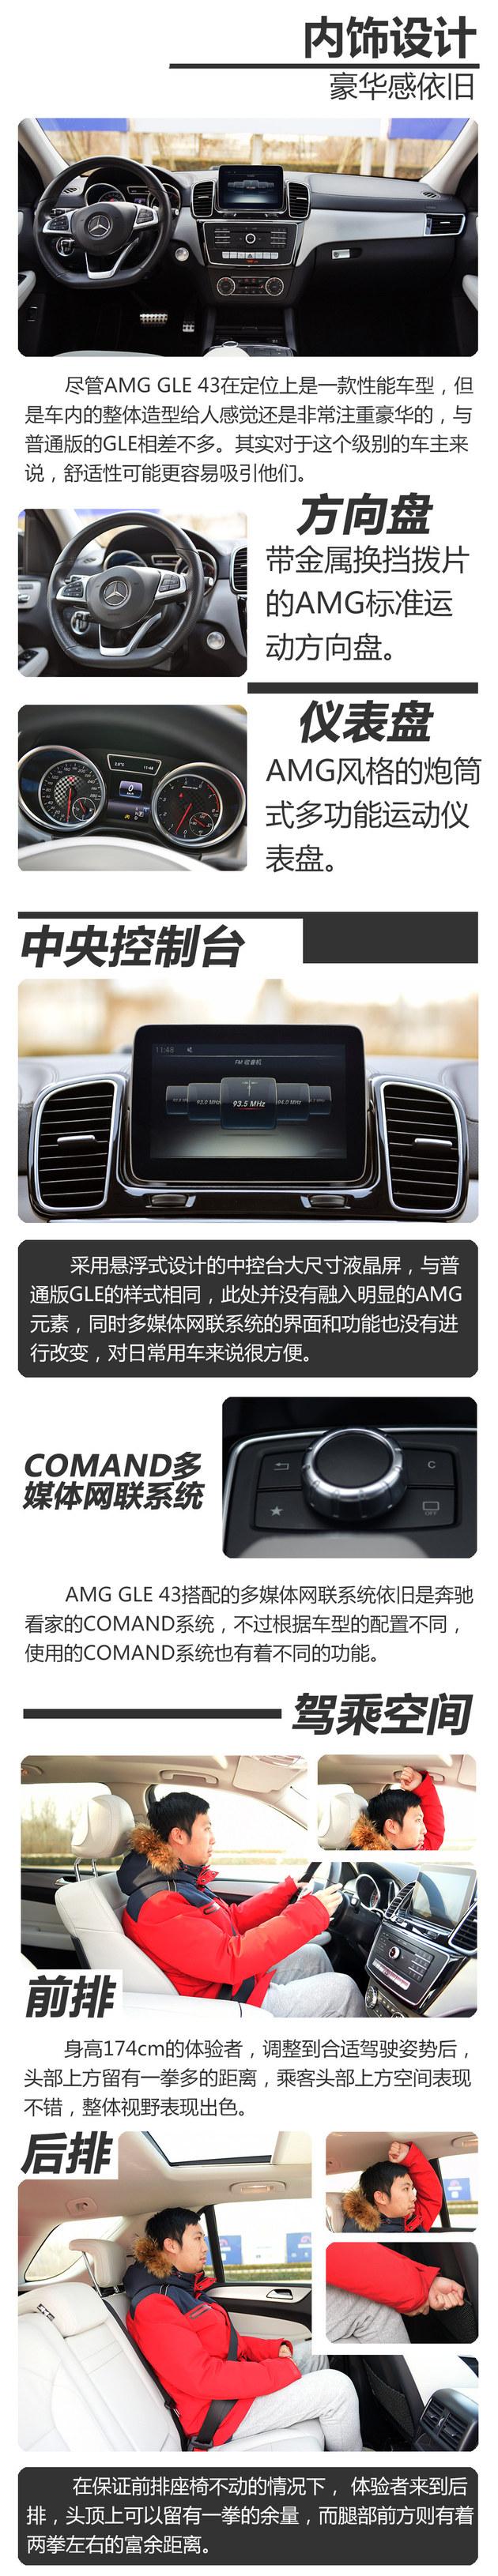 梅赛德斯-AMG GLE 43测试 最舒服的AMG